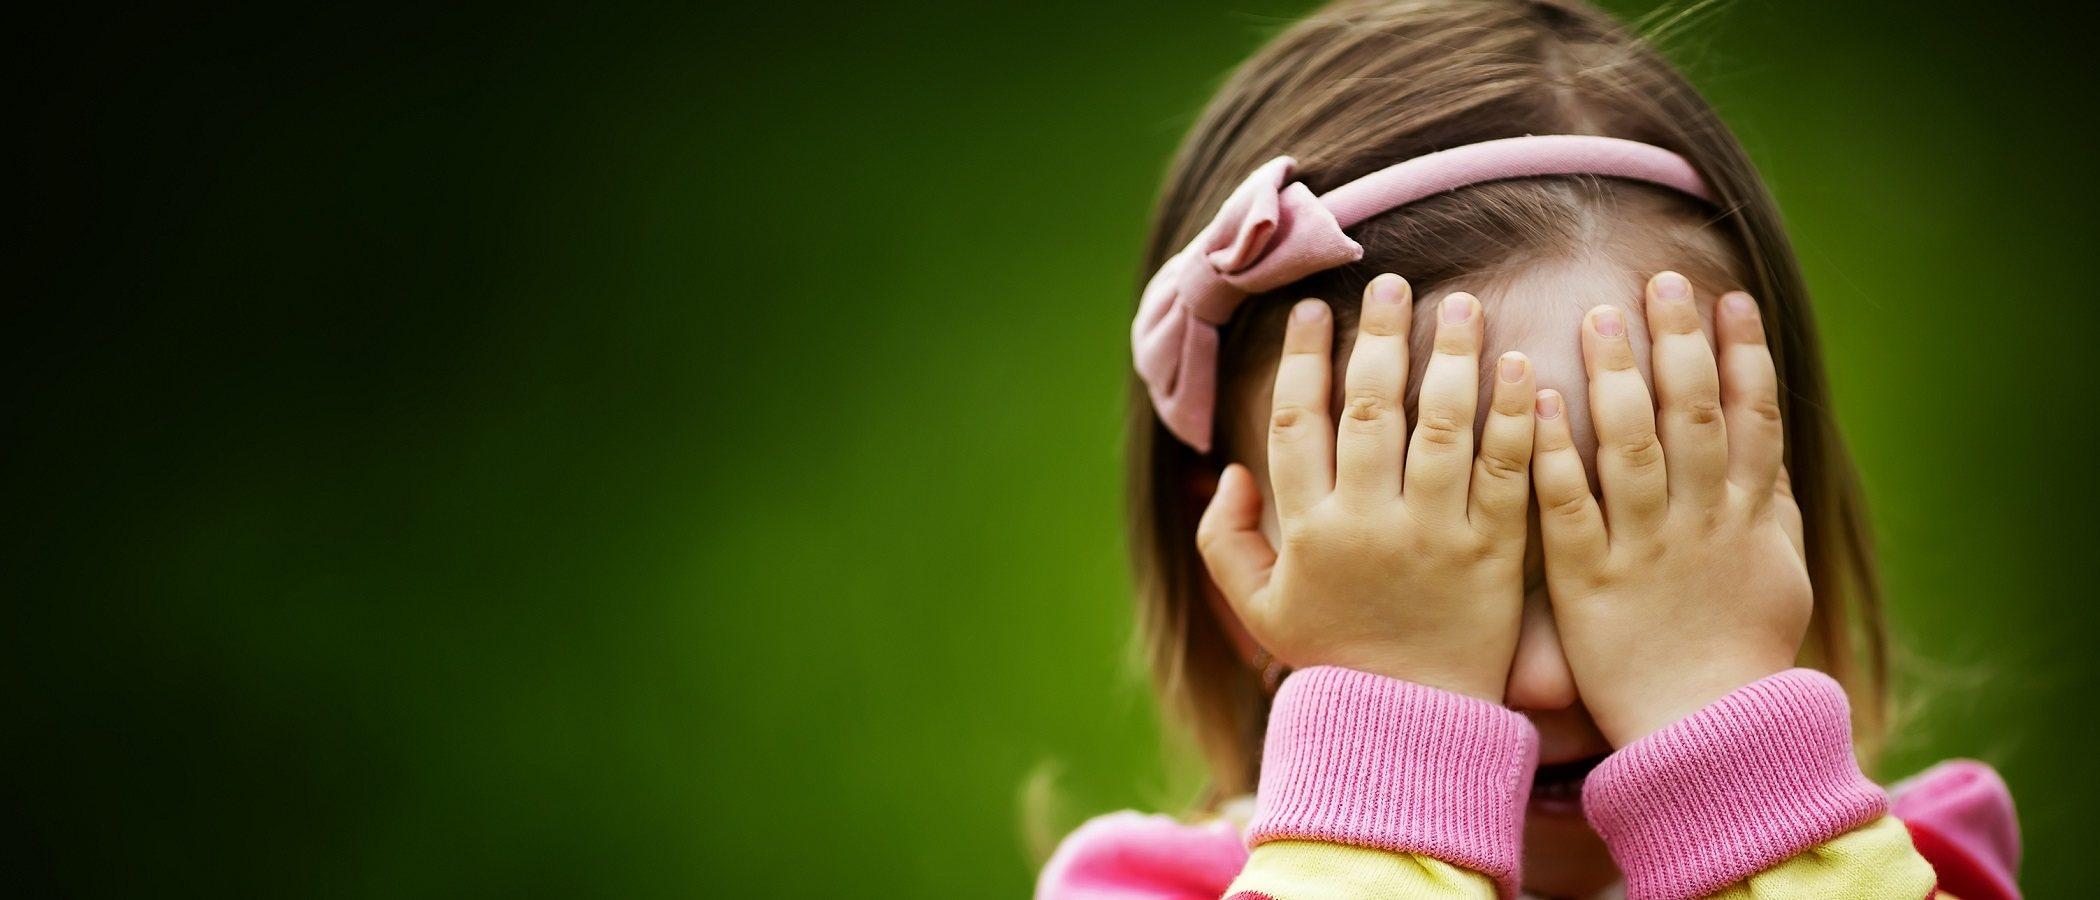 La timidez y la introversión en la infancia, ¿se puede superar?